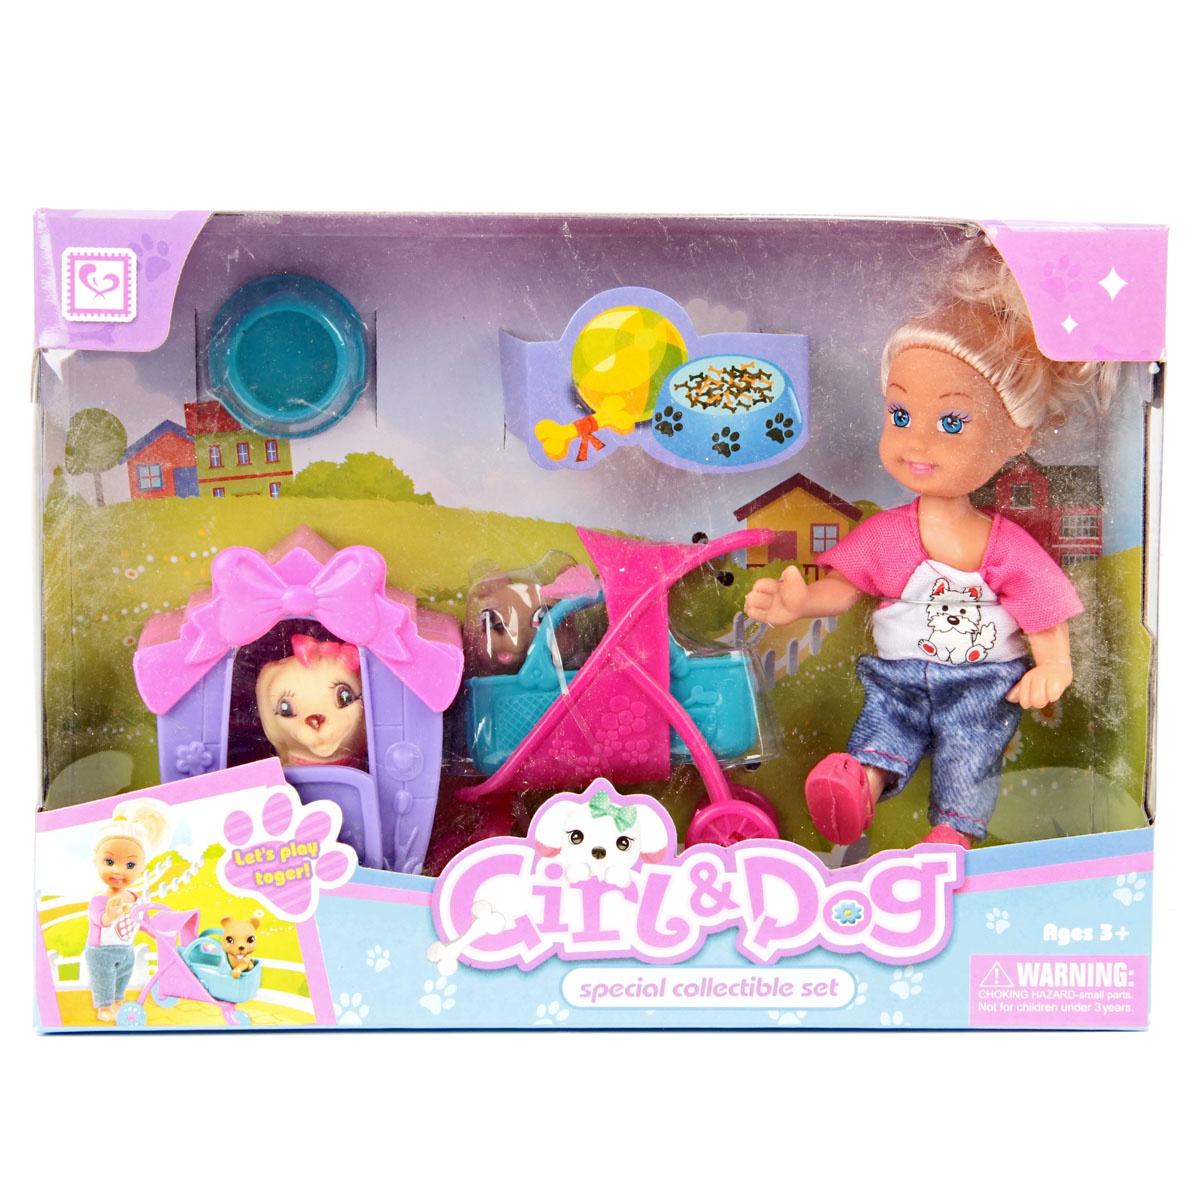 Игровой набор с куклой Veld Co 62951 veld co игровой набор с мини куклой русалка и морской конек цвет желтый розовый